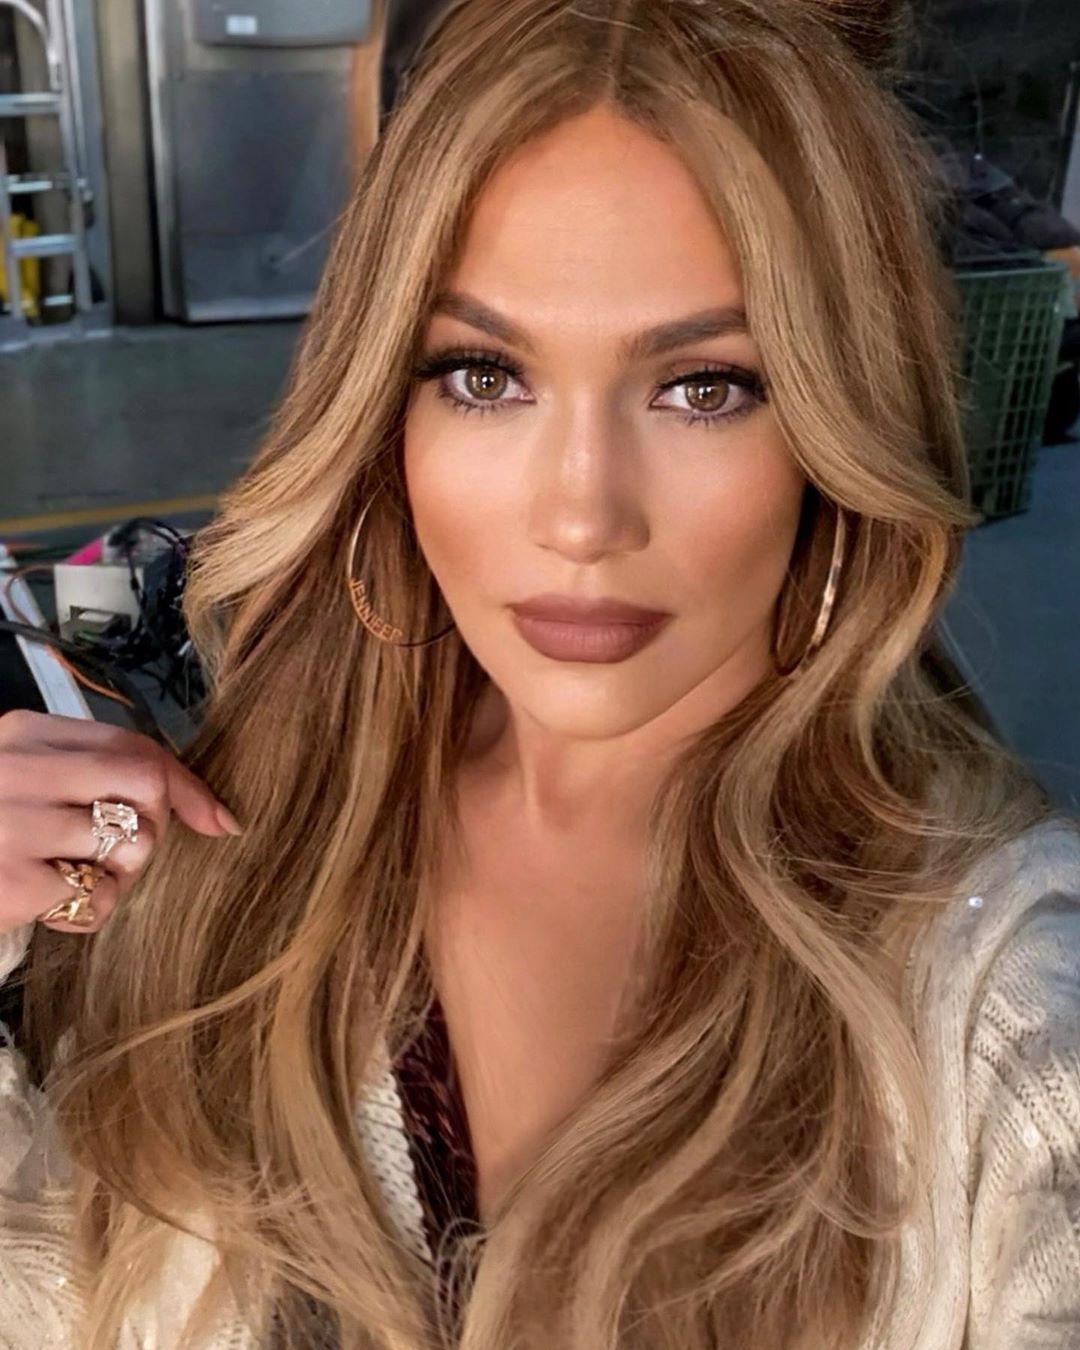 Περίμενε μέχρι να δεις ολόκληρο το χτένισμα της Jennifer Lopez!